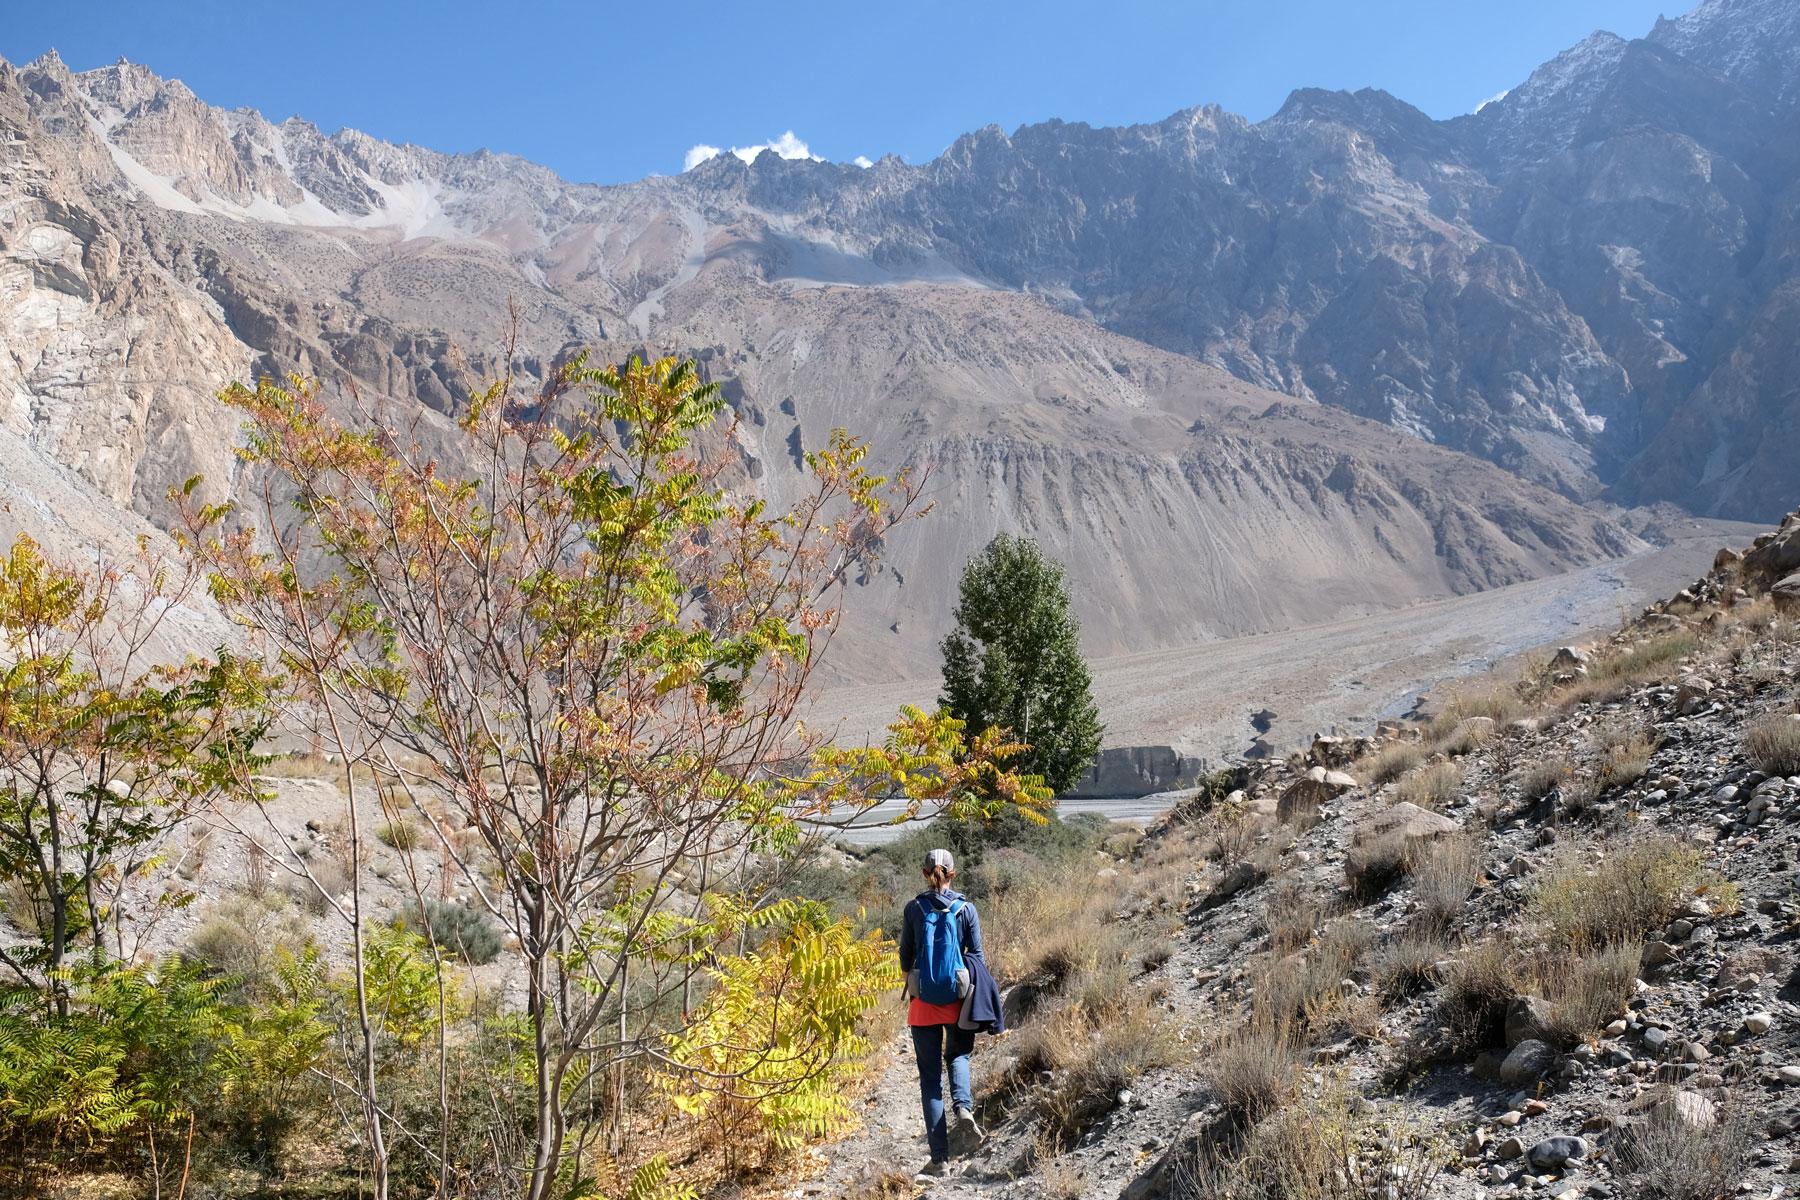 Leo wandert auf einem Pfad im Karakorumgebirge.